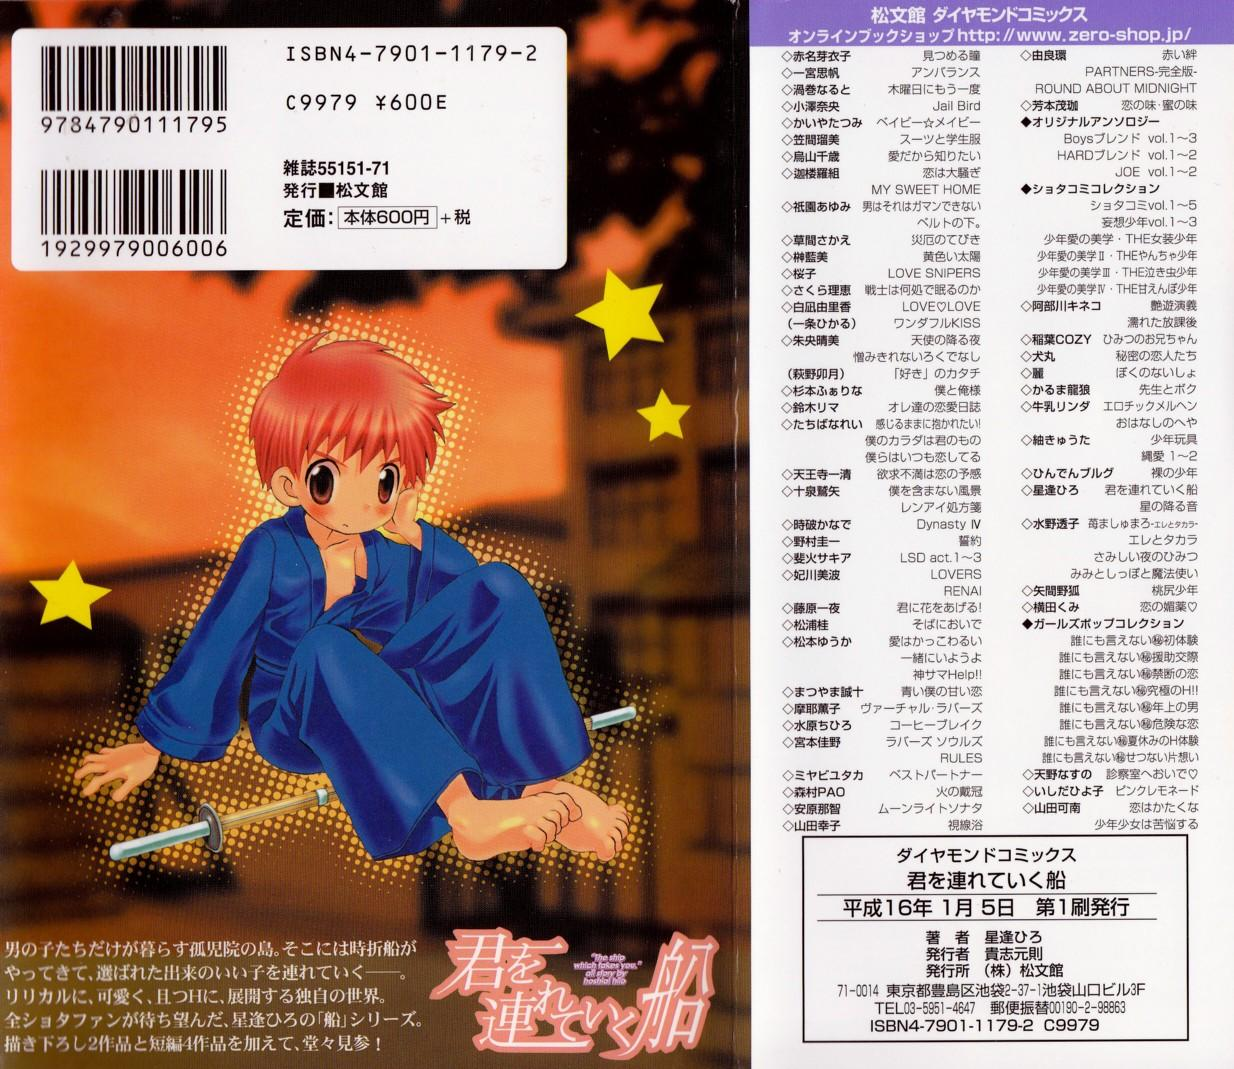 Kimi o Tsurete Iku Fune - The Ship which Takes you. 3